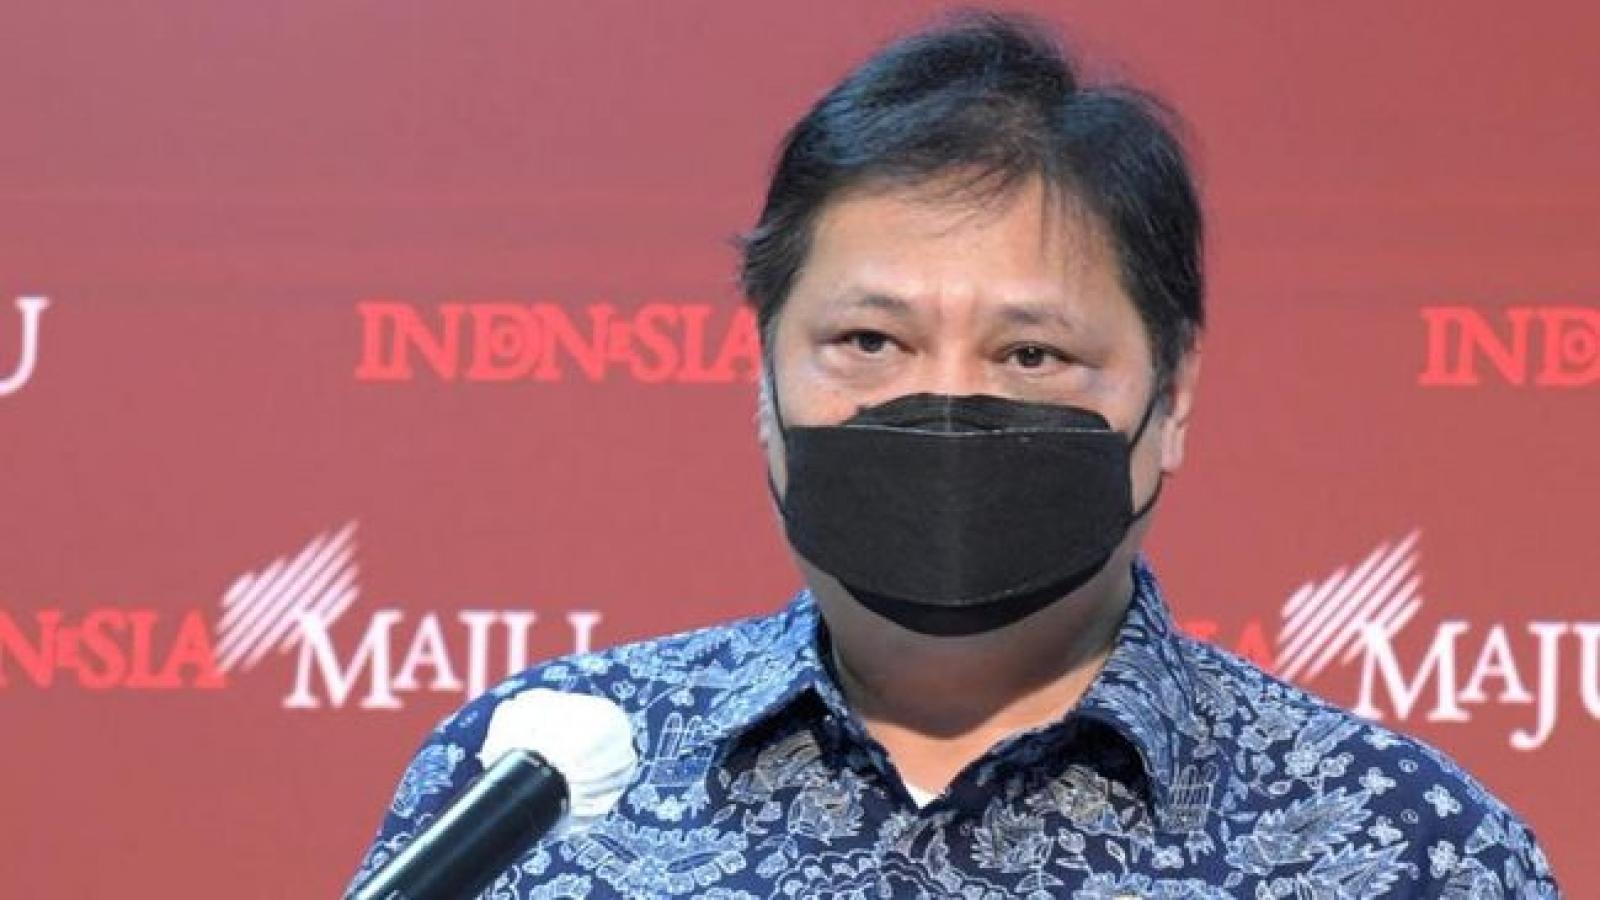 Bước vào đỉnh dịch Covid-19 mới, Indonesia thắt chặt giới hạn xã hội